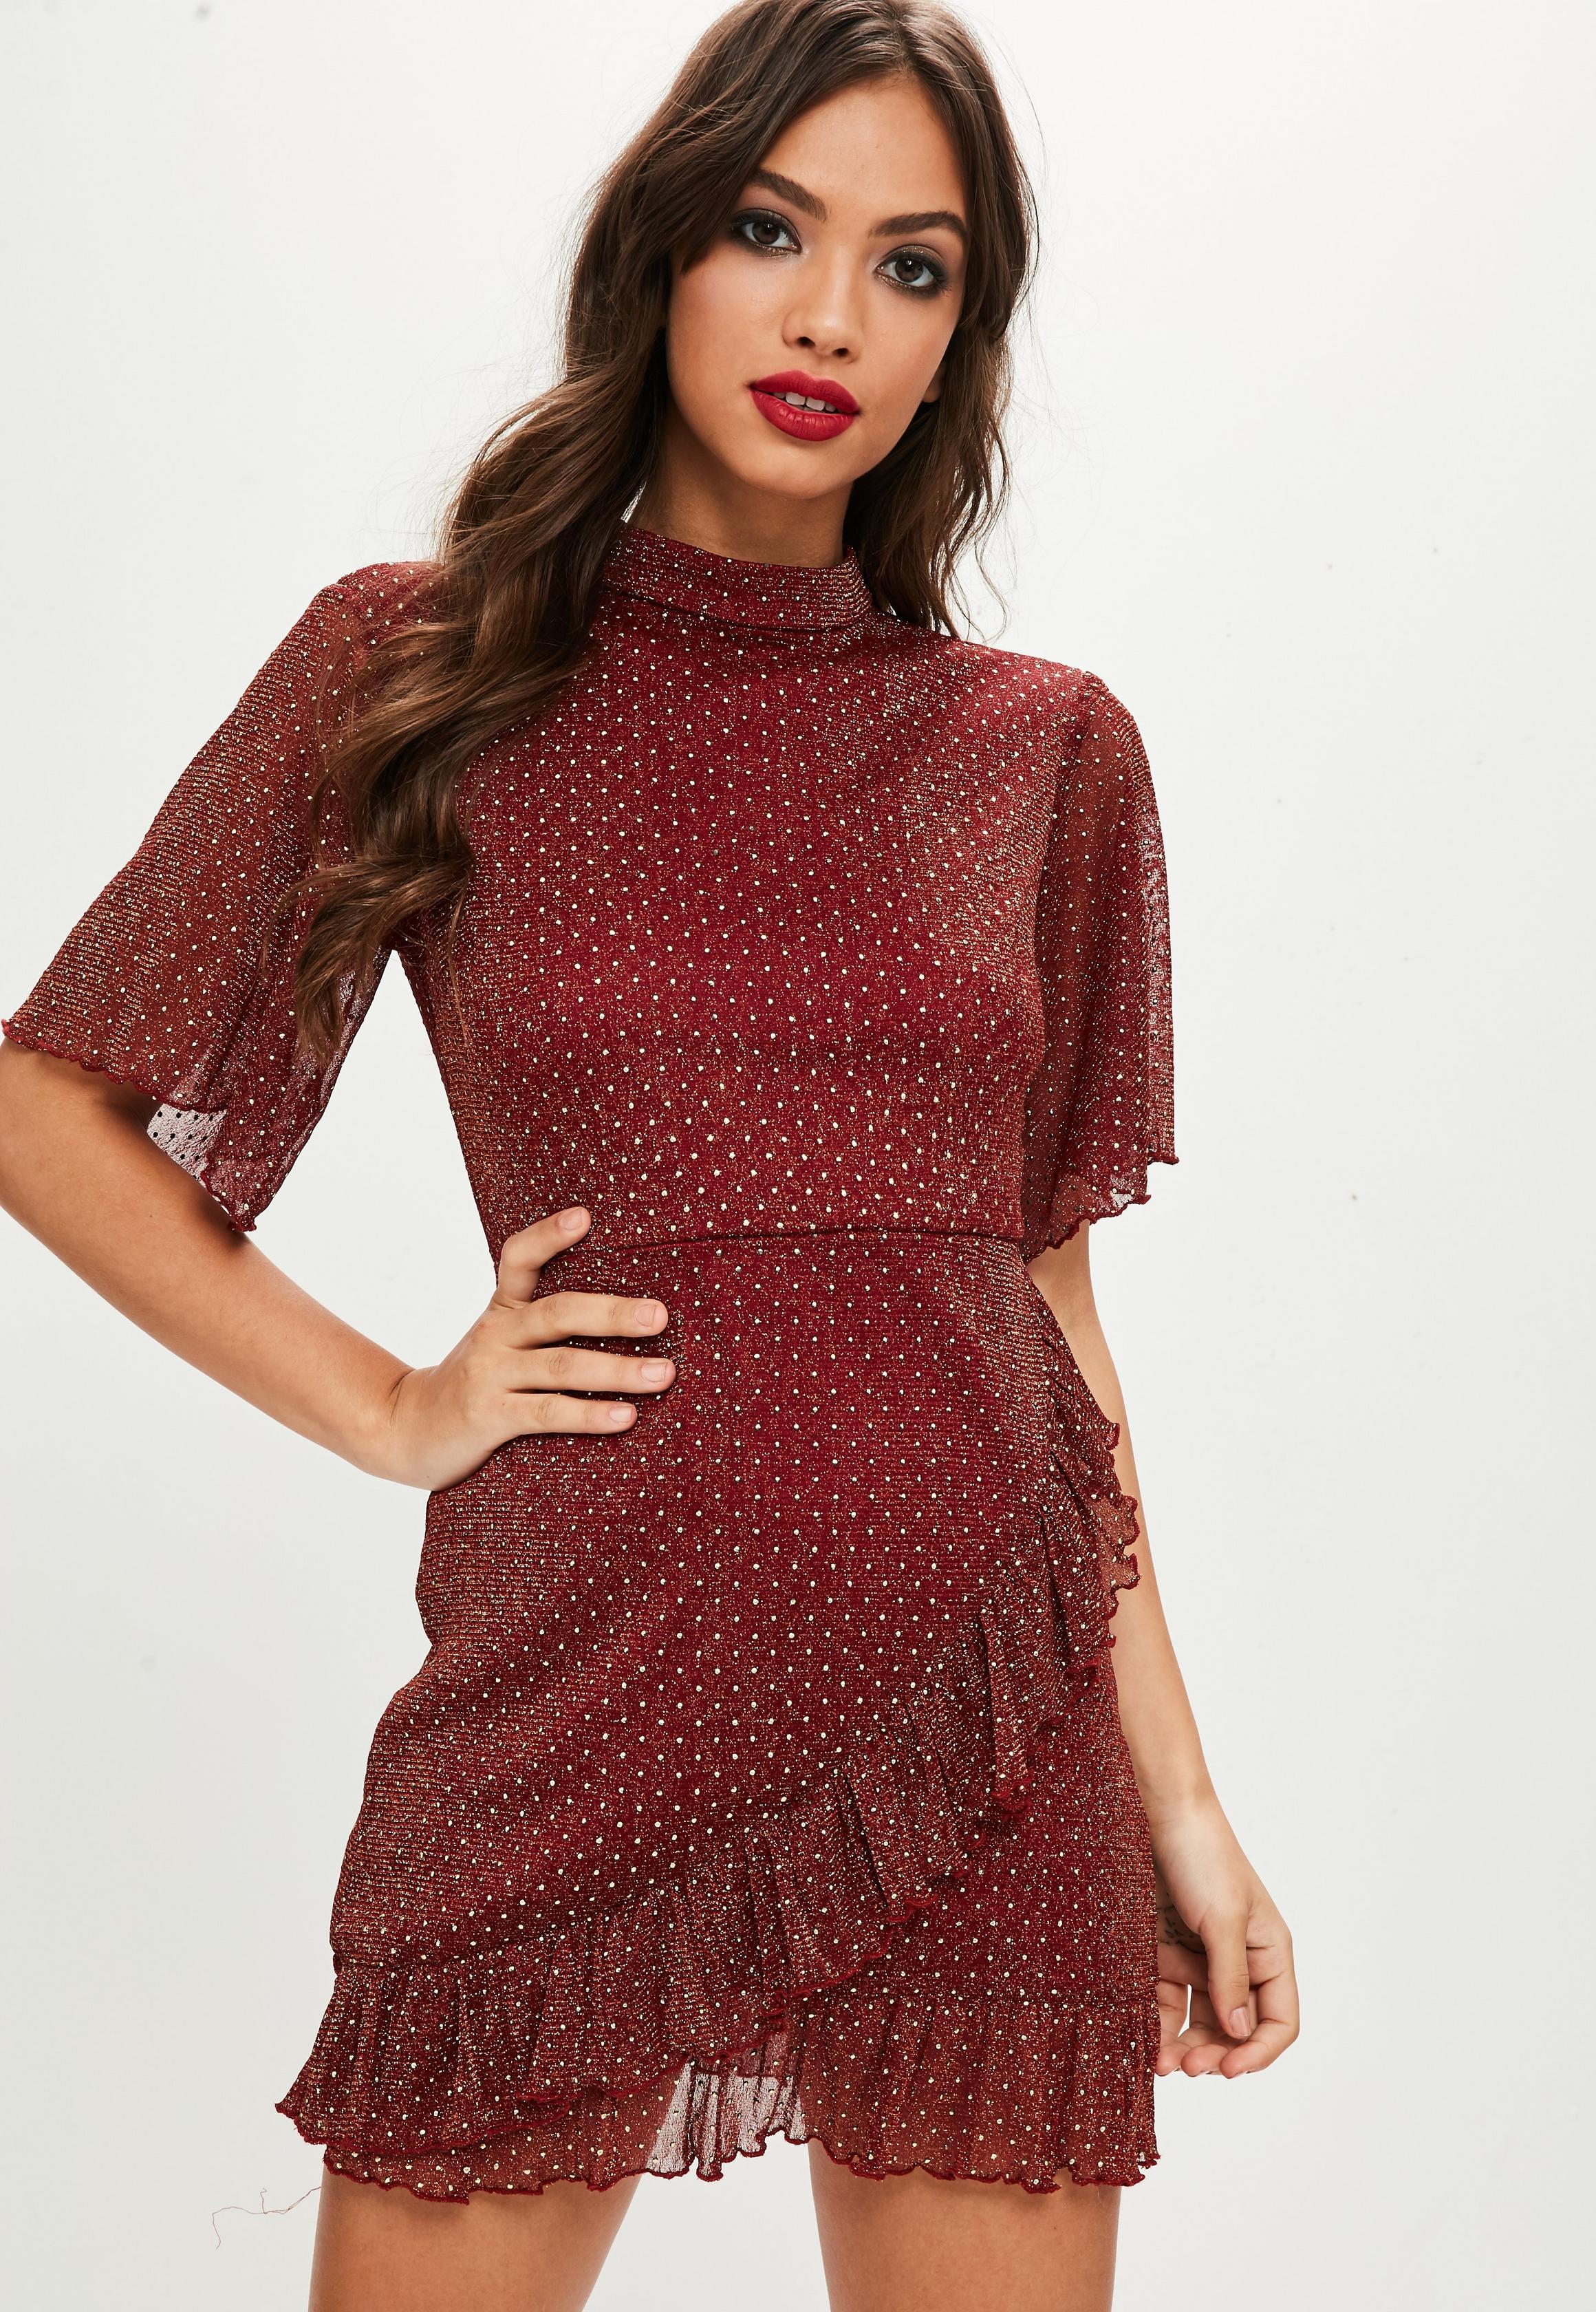 Сукня з воланами на святковий корпоратив  як виглядати жіночно 20bdd0e219cc2